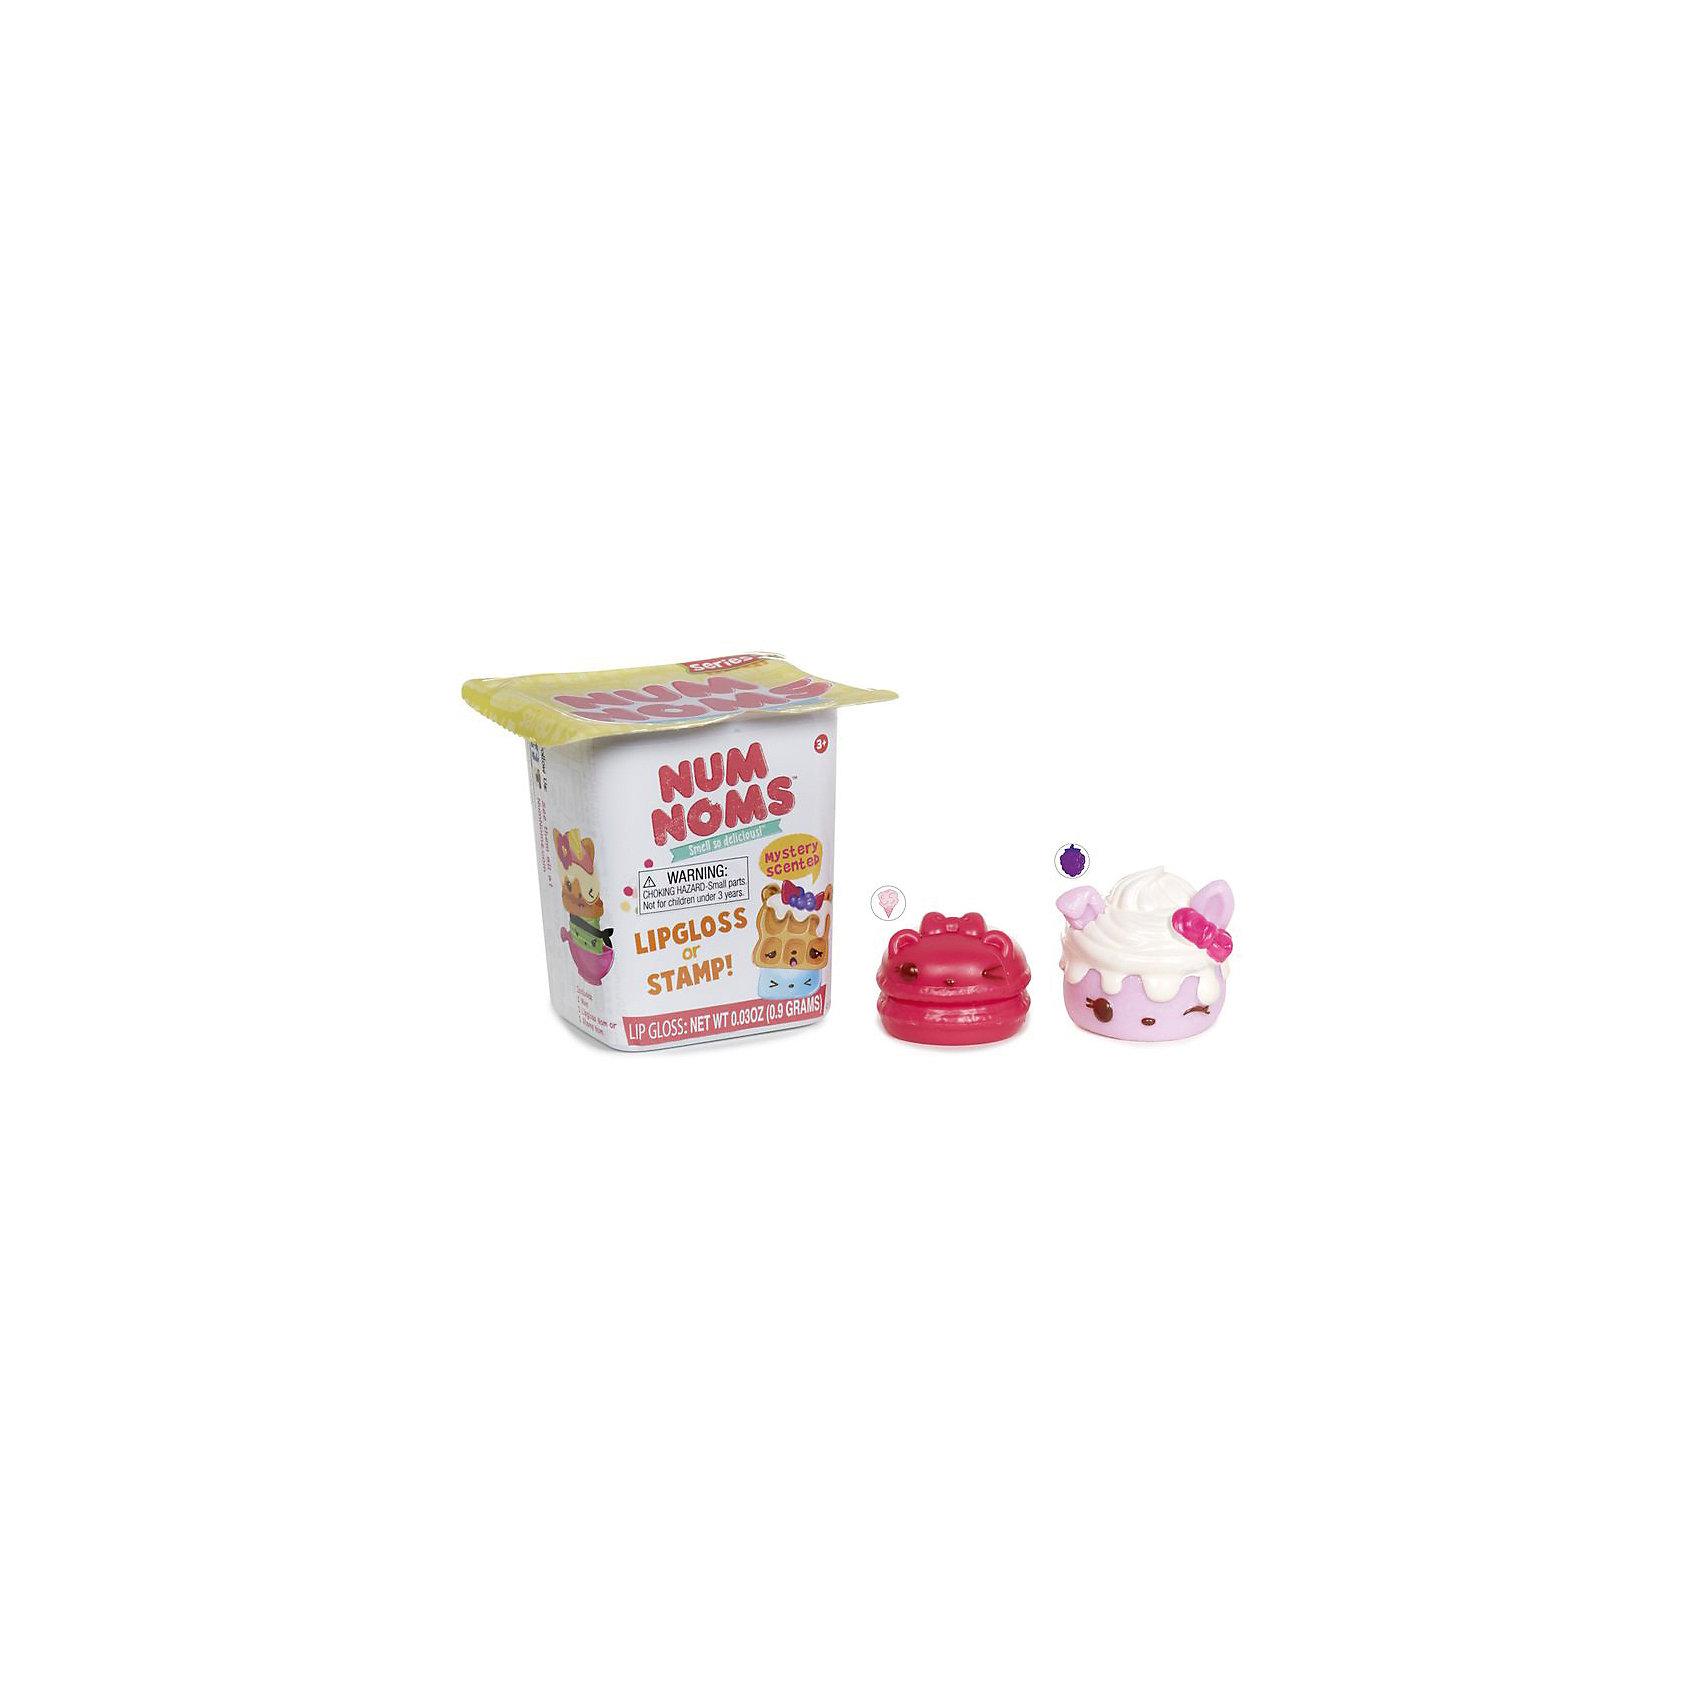 Блеск для губ-штамп с ароматом, в ассортименте, Num NomsКосметика, грим и парфюмерия<br>Характеристики товара:<br><br>• упаковка: пластик<br>• возраст: 3+<br>• количество: 2 шт.<br>• страна производства: Китай<br><br>Подарок в виде игрушки приятен любому малышу. А подарок – сюрприз – вдвойне. Пластиковая коробочка скрывает содержимое, сохраняя интригу до последнего момента. Внутри находится ароматный блеск для губ и штамп для декора. Главные герои – персонажи известного мультфильма. Соберите всю модную коллекцию!комплектация: плакат со всеми фигурками.  Материалы, использованные при изготовлении товара, сертифицированы и отвечают всем международным требованиям по качеству. <br><br>Блеск для губ-штамп с ароматом, в ассортименте, Num Noms можно приобрести в нашем интернет-магазине.<br><br>Ширина мм: 69<br>Глубина мм: 78<br>Высота мм: 71<br>Вес г: 28<br>Возраст от месяцев: 36<br>Возраст до месяцев: 72<br>Пол: Женский<br>Возраст: Детский<br>SKU: 5133706